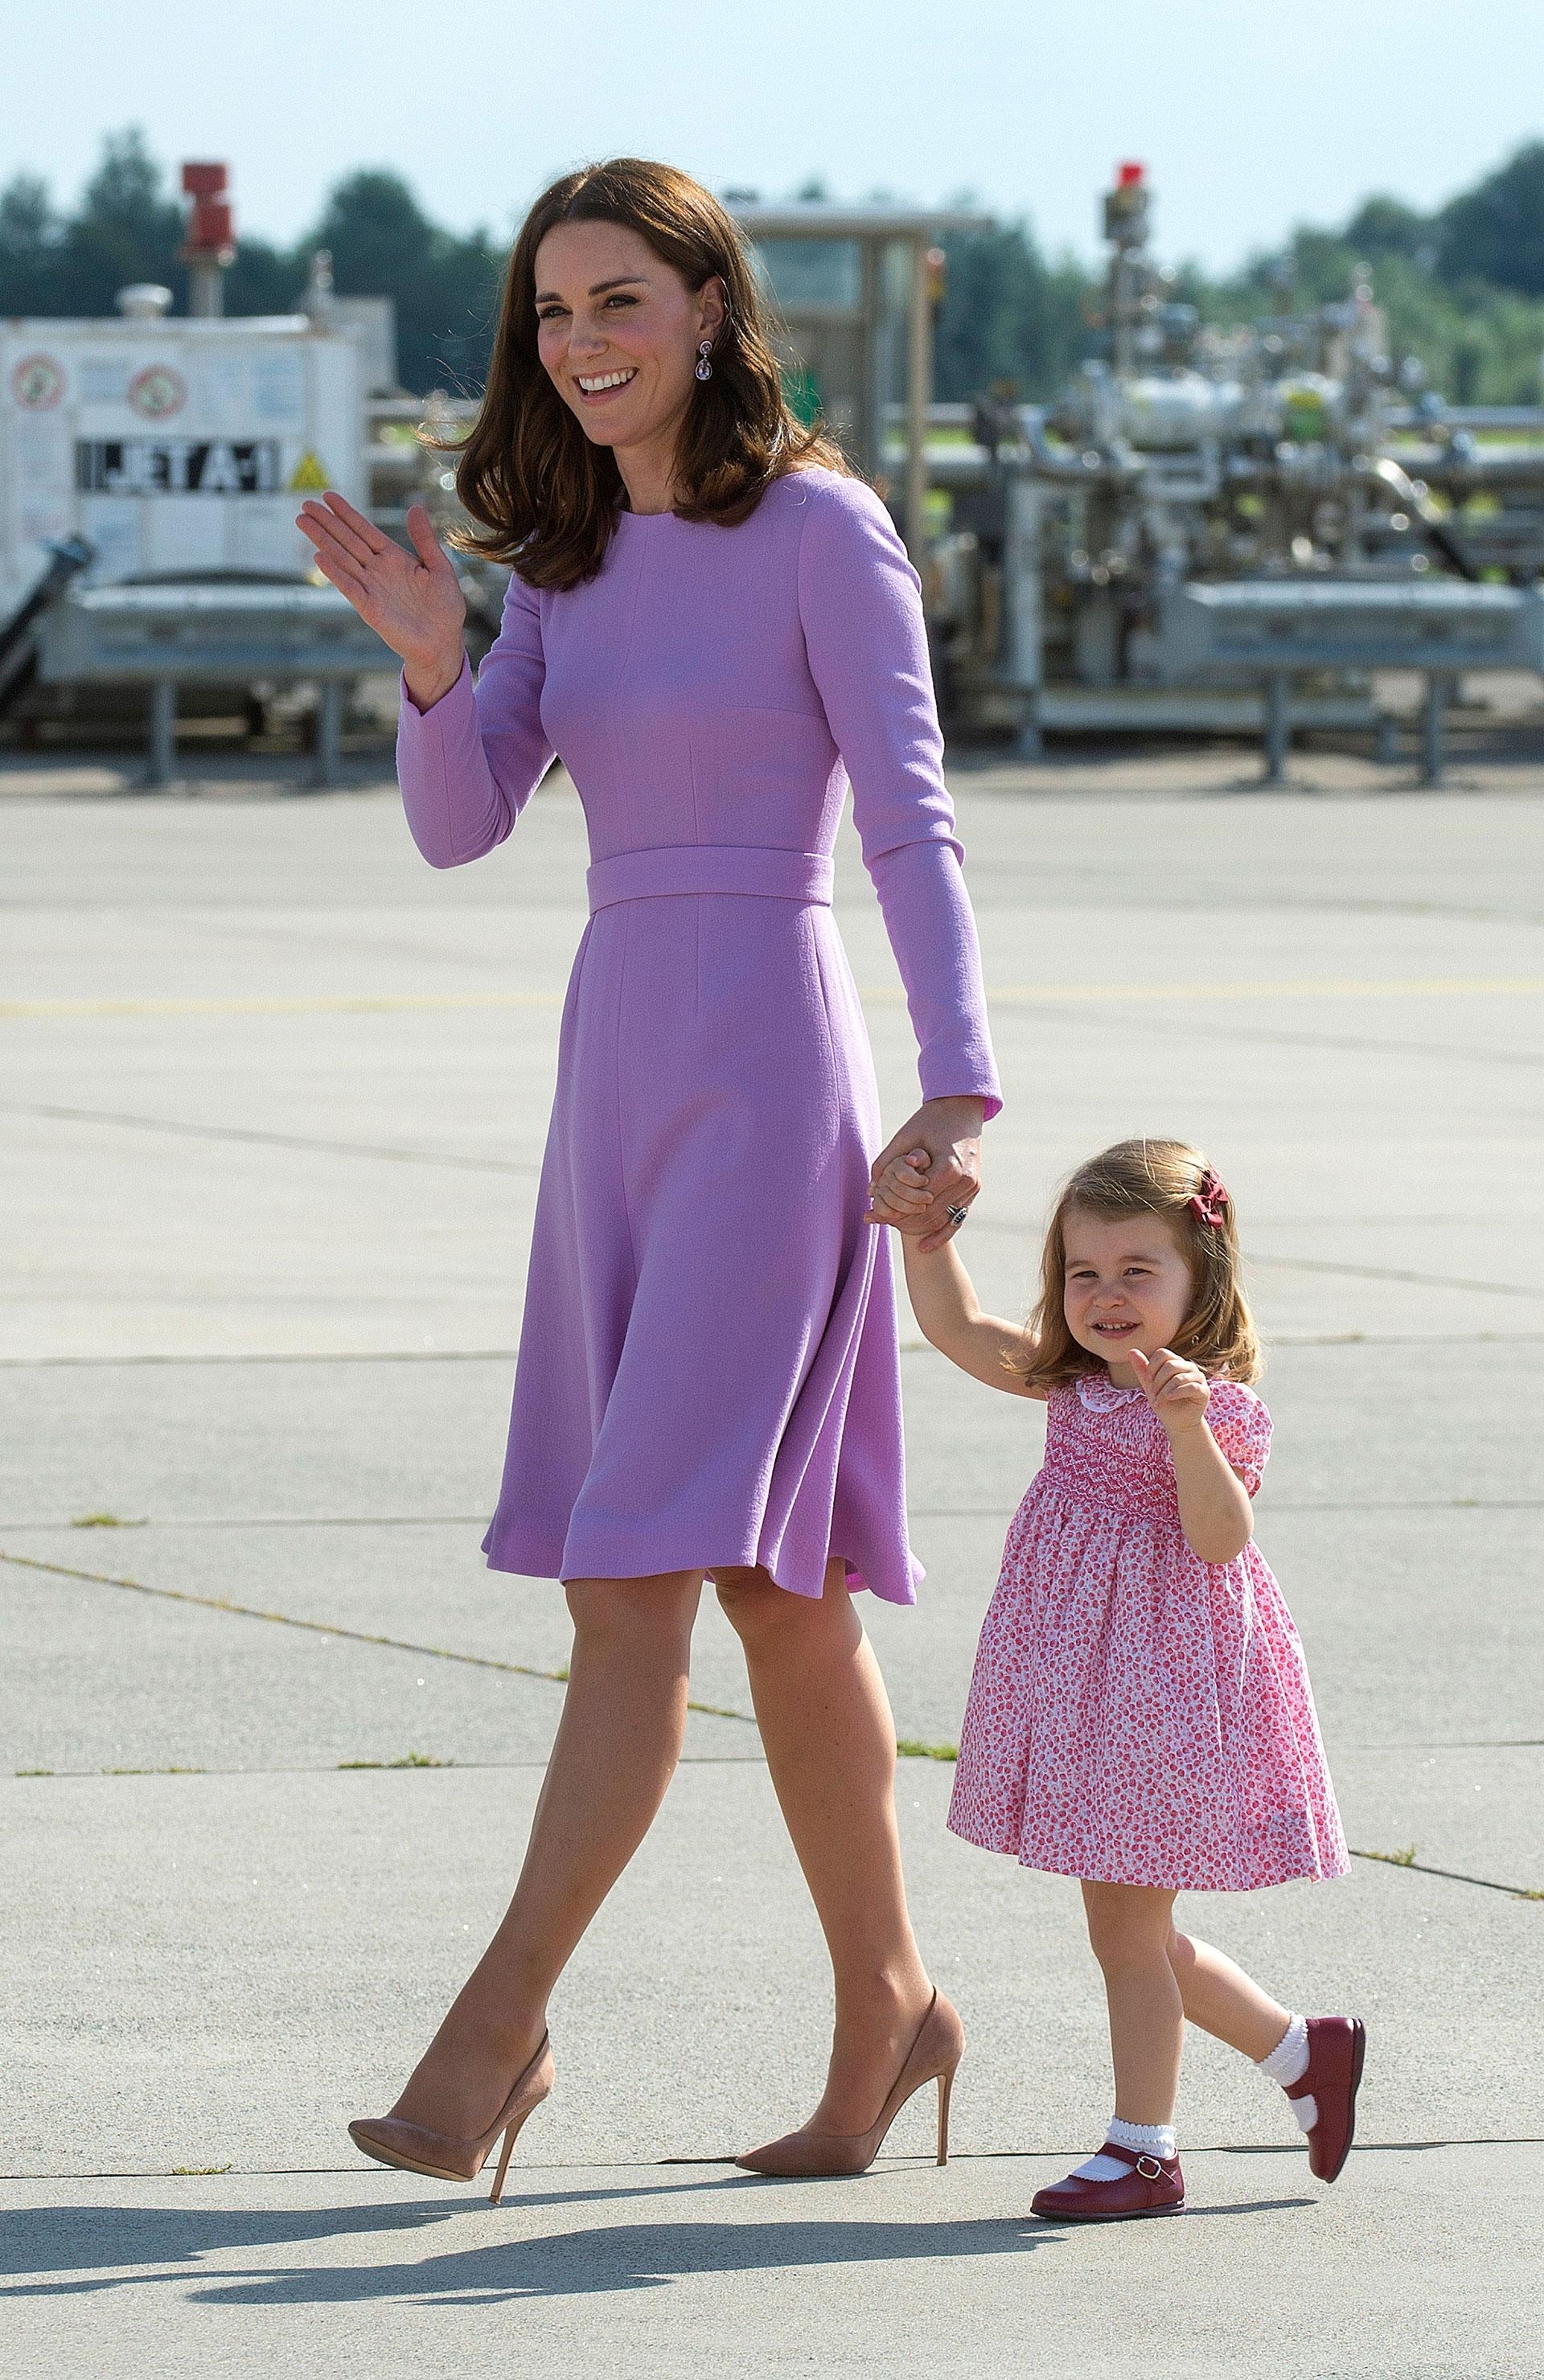 Kate Middleton optó por una pieza de autor de Emilia Wickstead de mangas largas y falda evasé. Su hija con un vestido clásico de estilo inglés con estampa en la misma paleta que su mamá. (Getty)